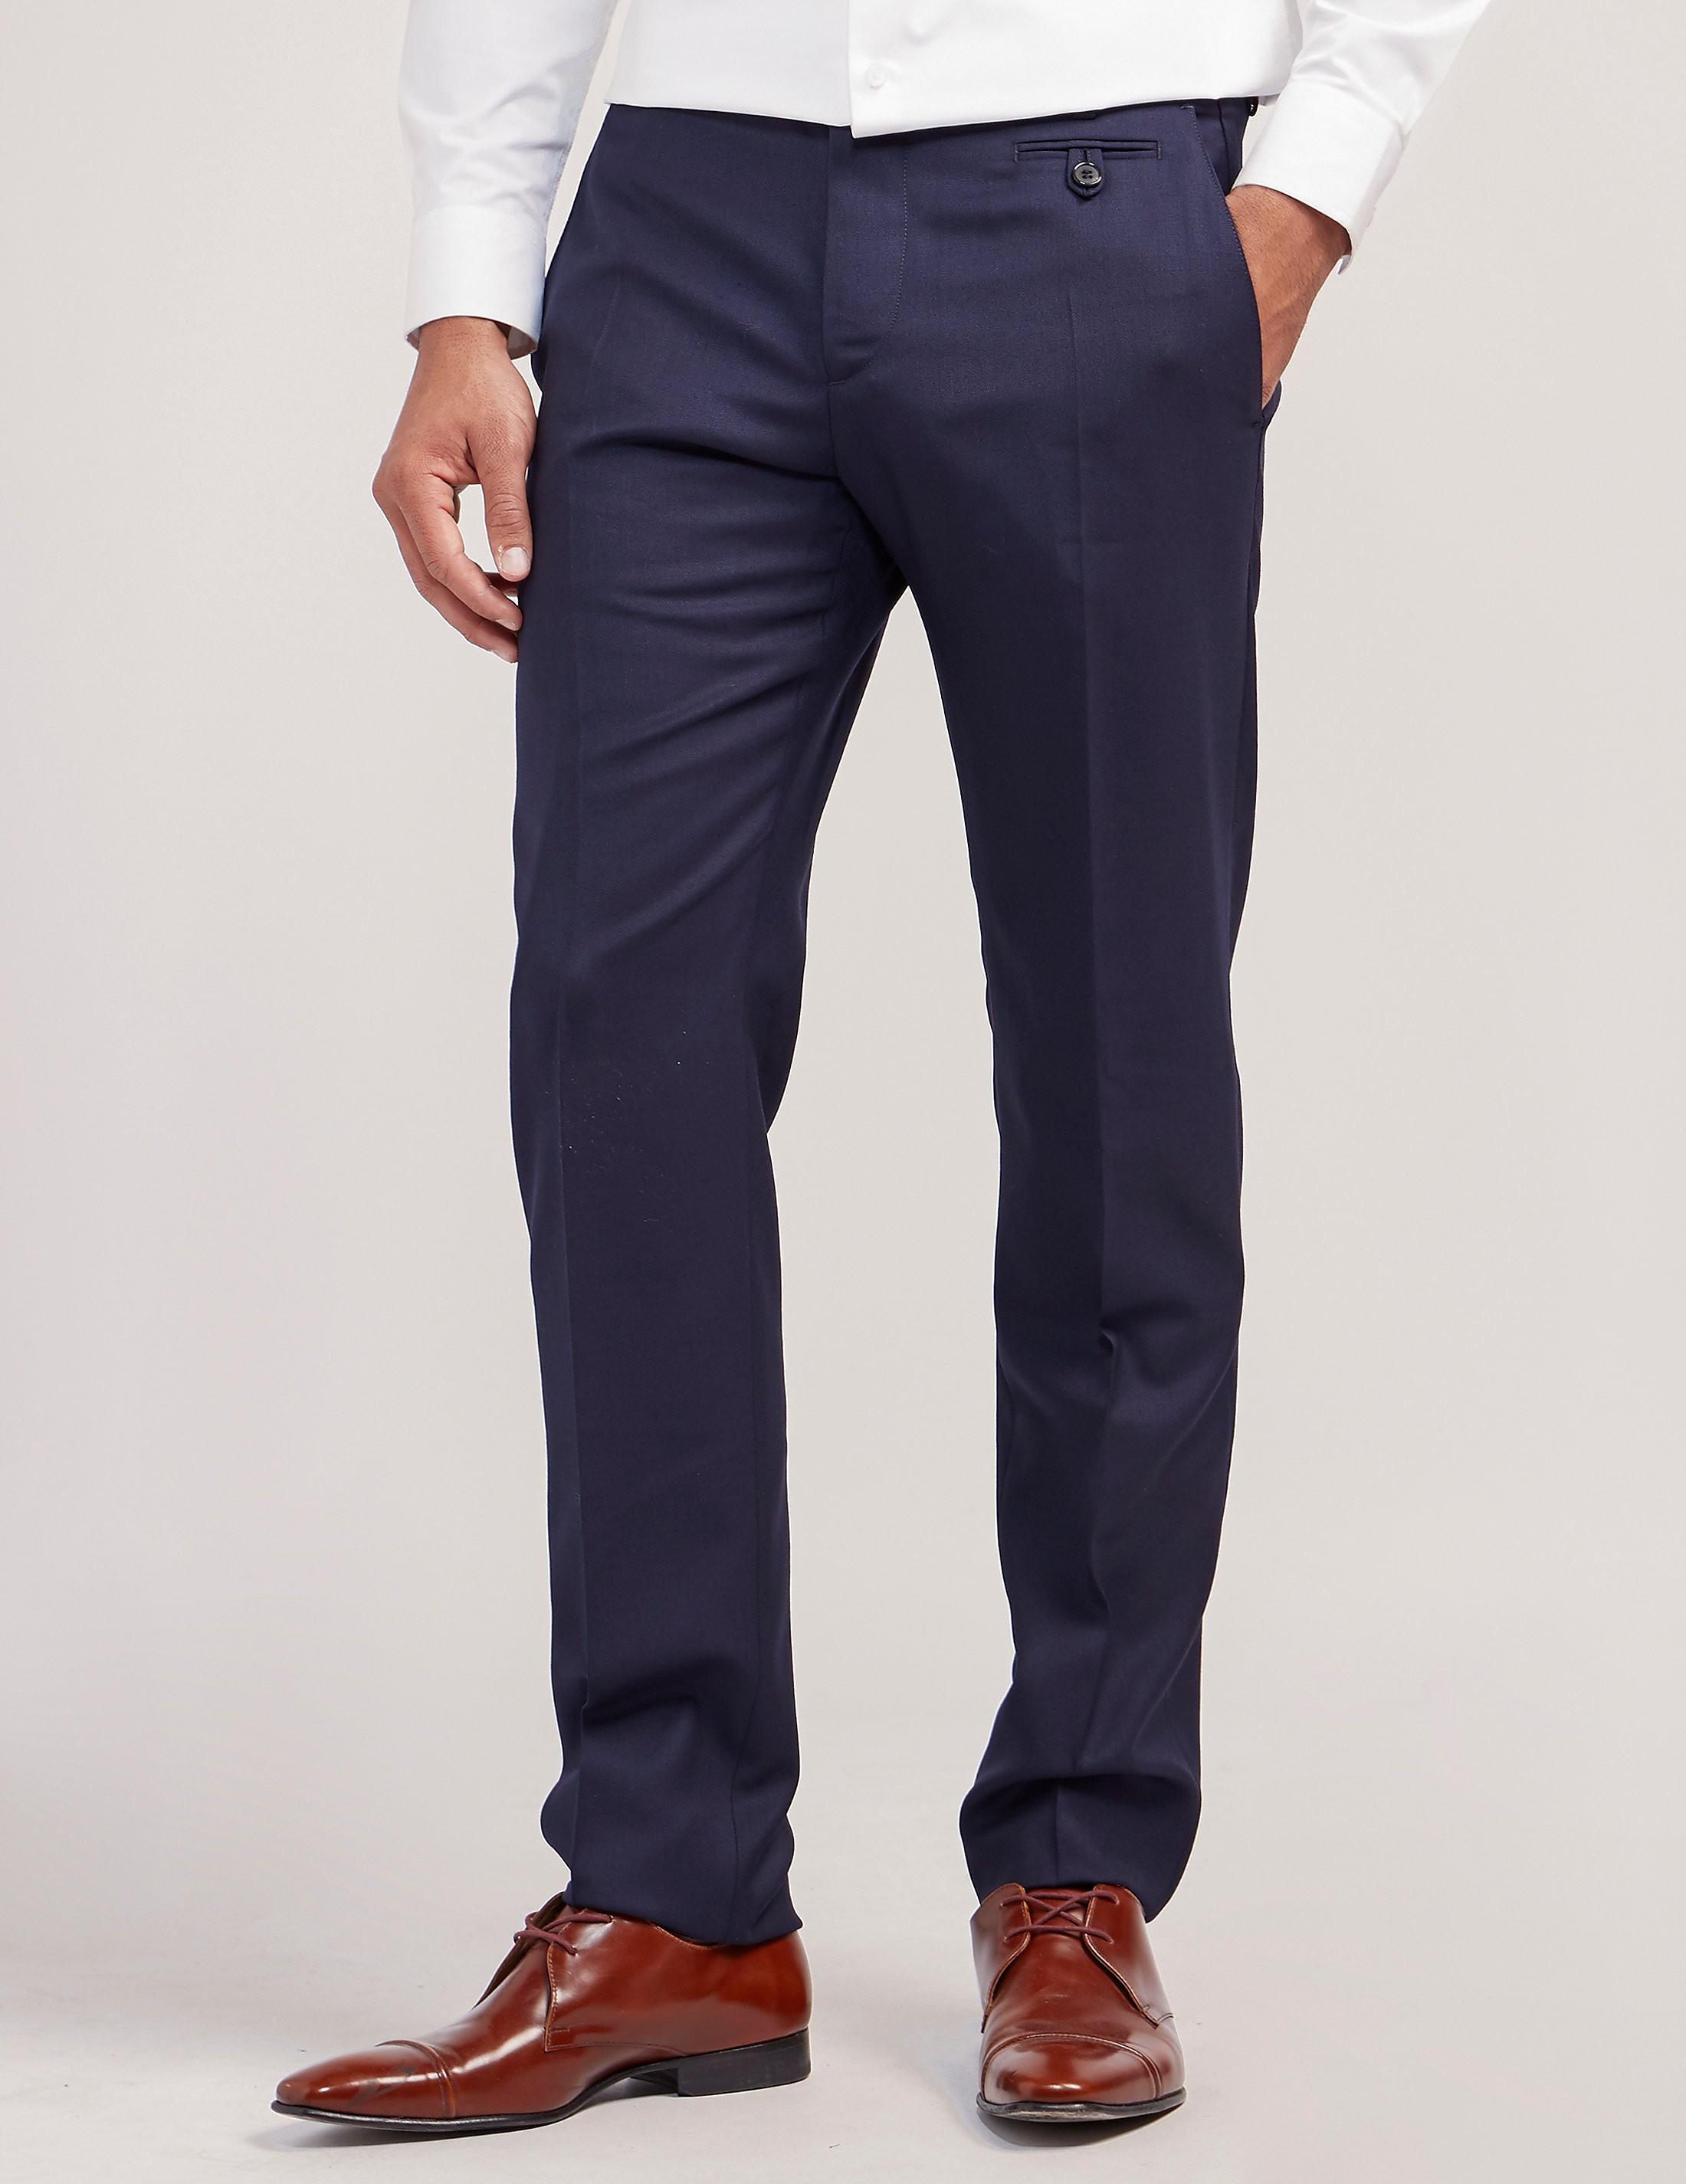 Vivienne Westwood Suit Trousers